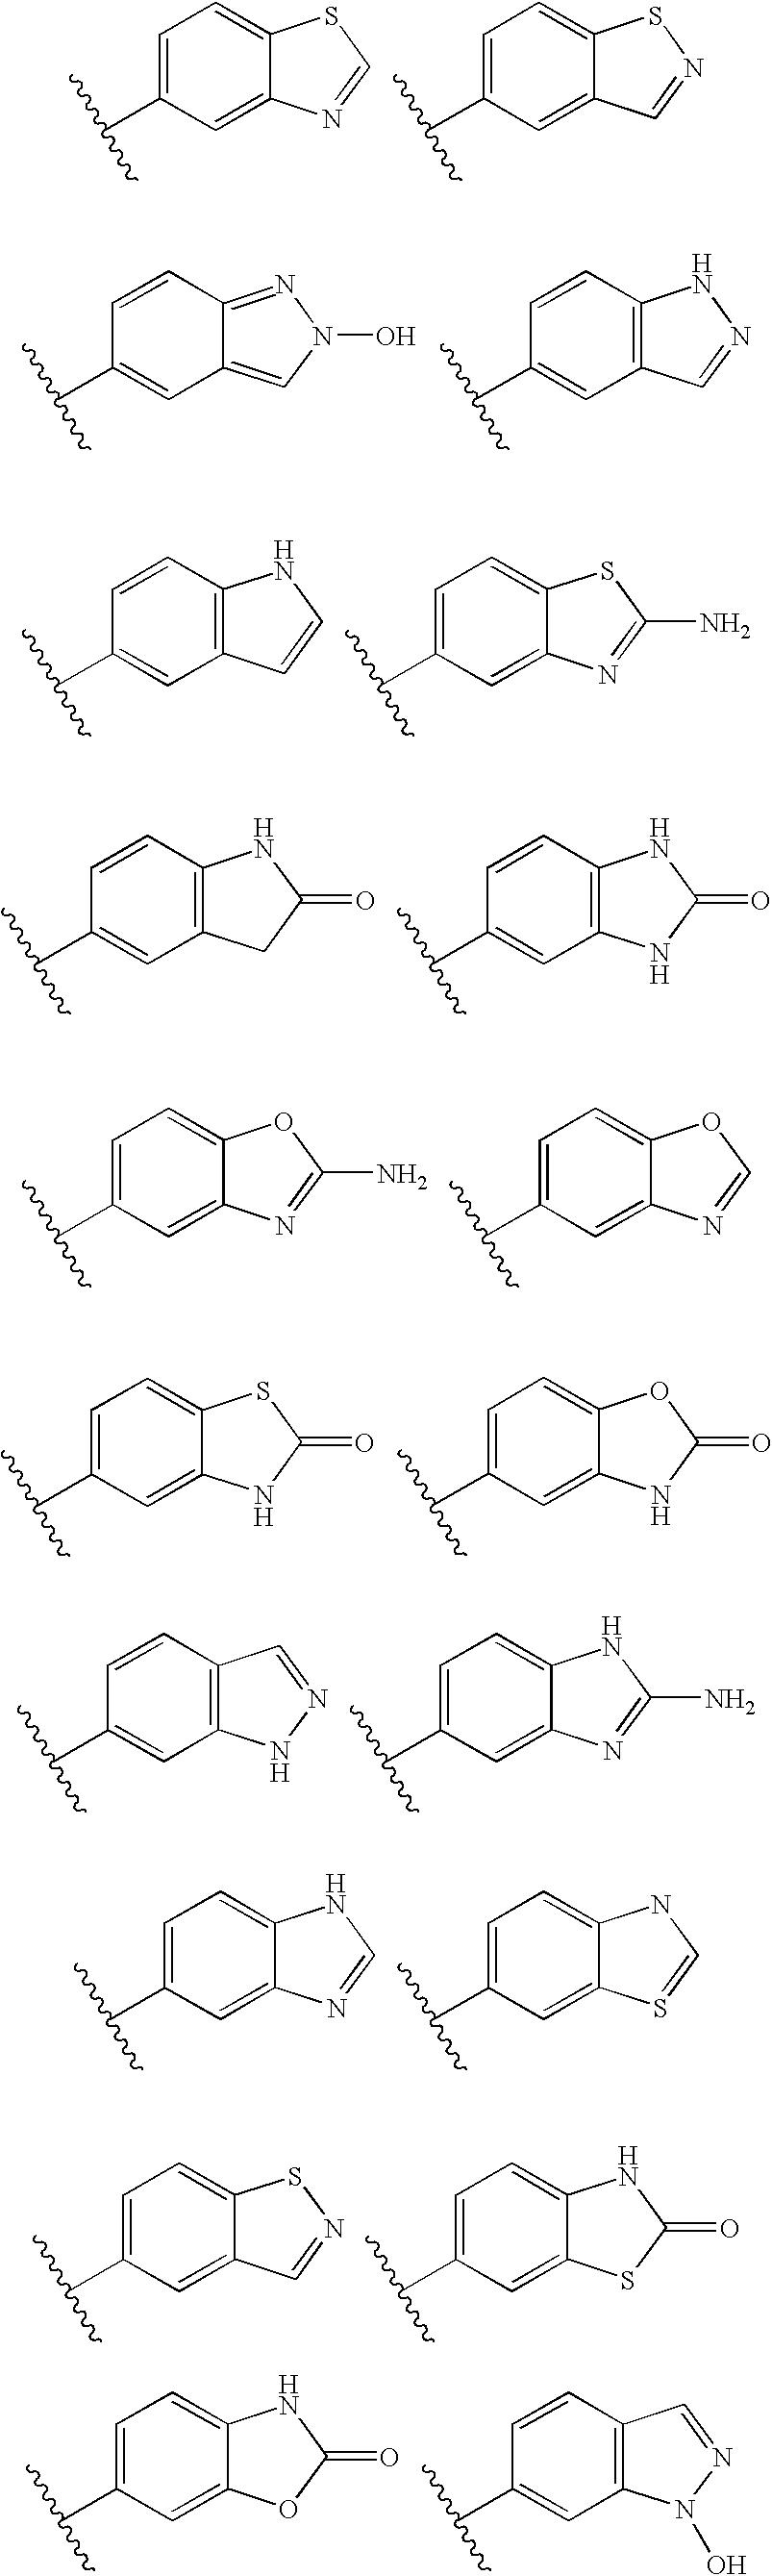 Figure US20100009983A1-20100114-C00186